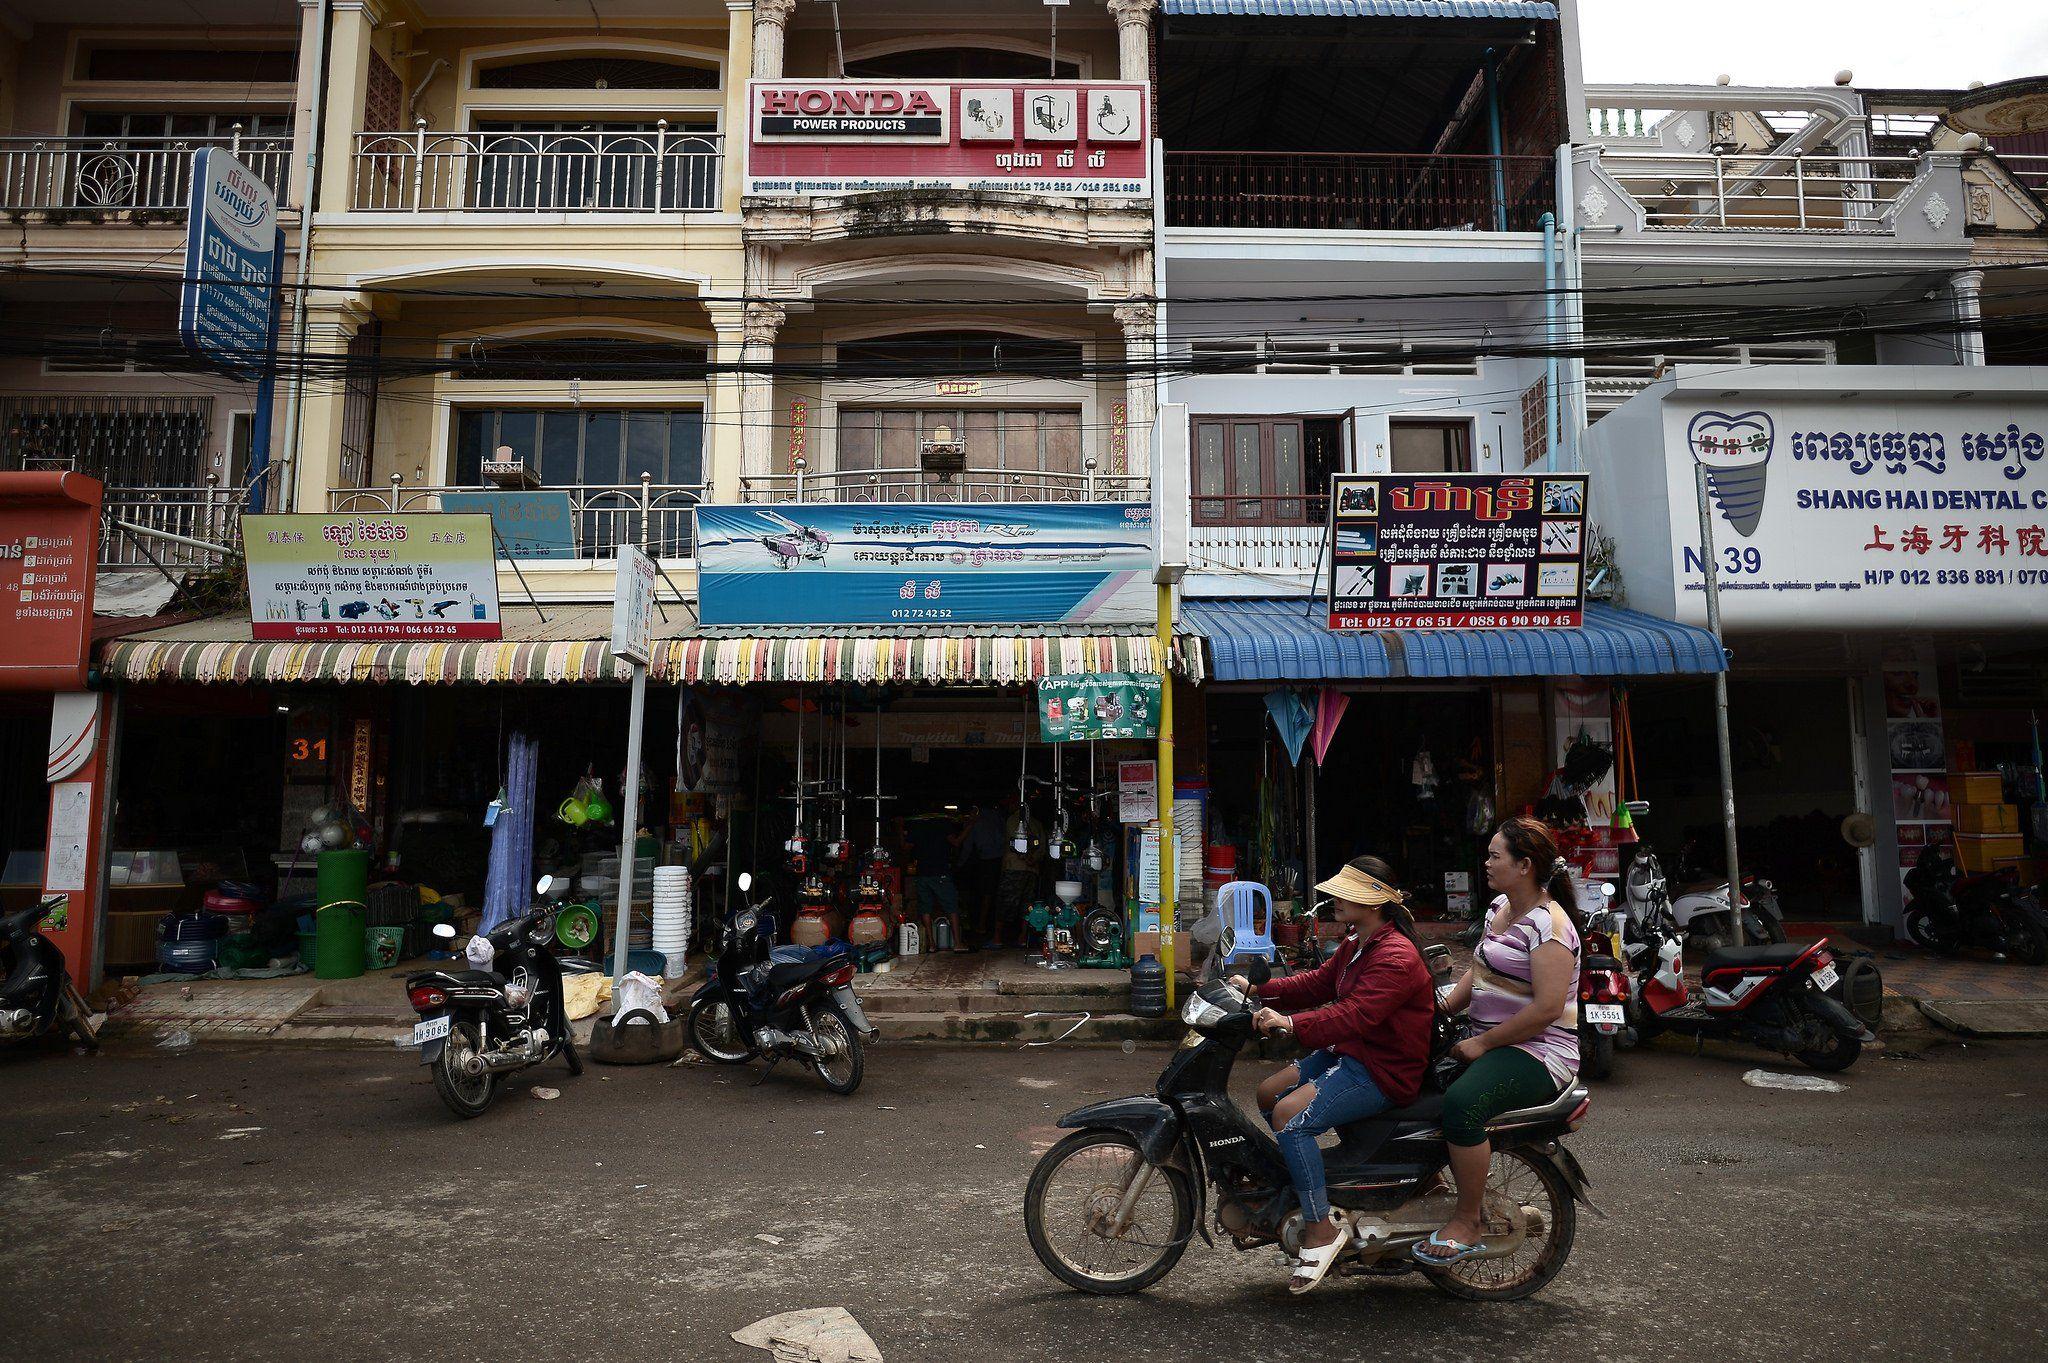 ชาวกัมพูชาห่วงทุนจีนแปลงสภาพกัมปอตไม่เหลือเค้าเมืองสงบ - BBC News ...